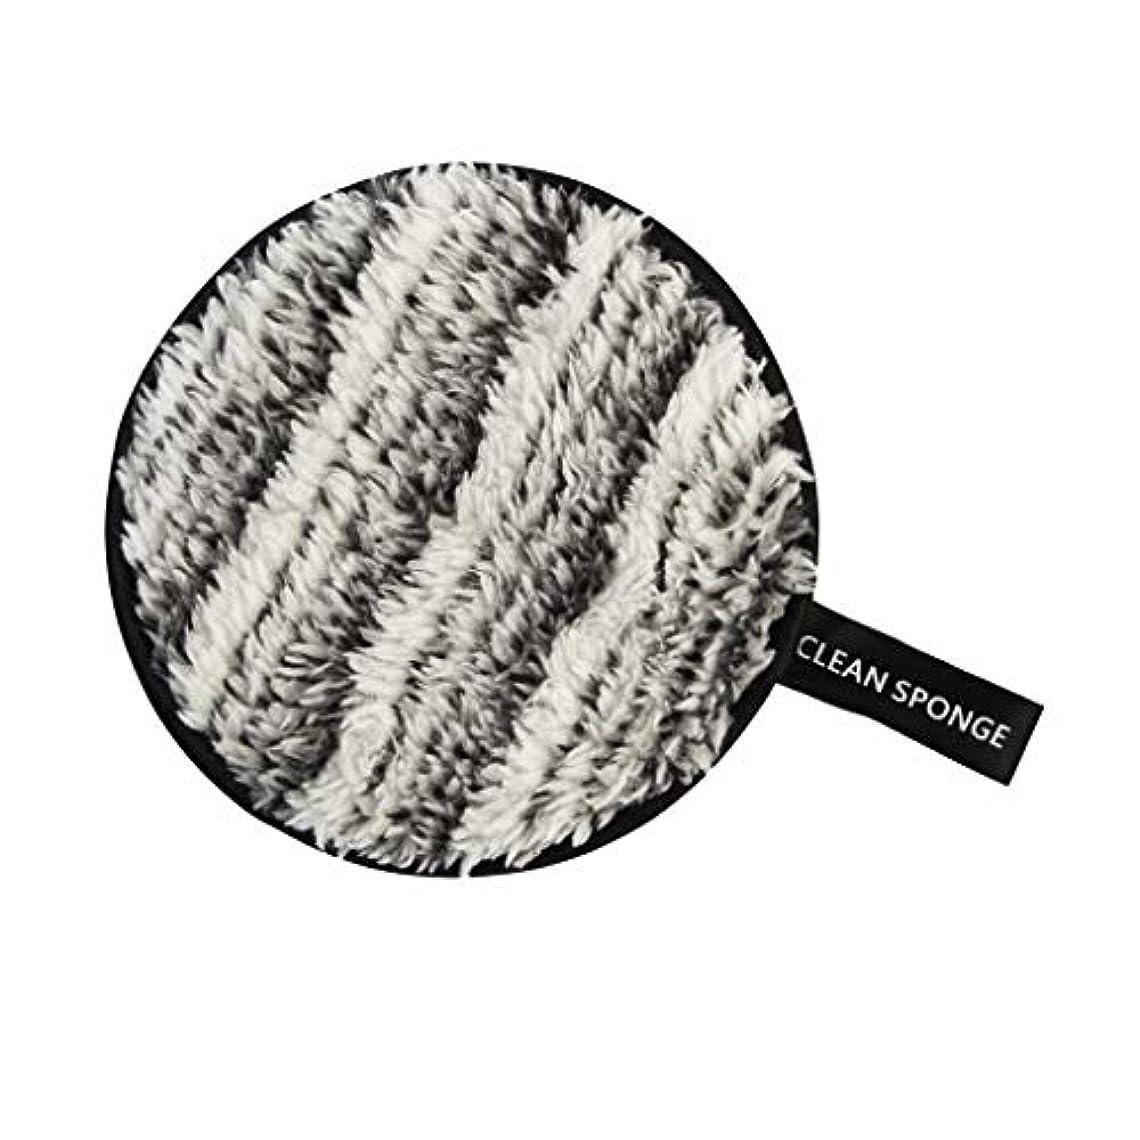 充電砂提案する再利用可能 洗顔パフ メイクアップ スポンジ 全6色 - 黒+白